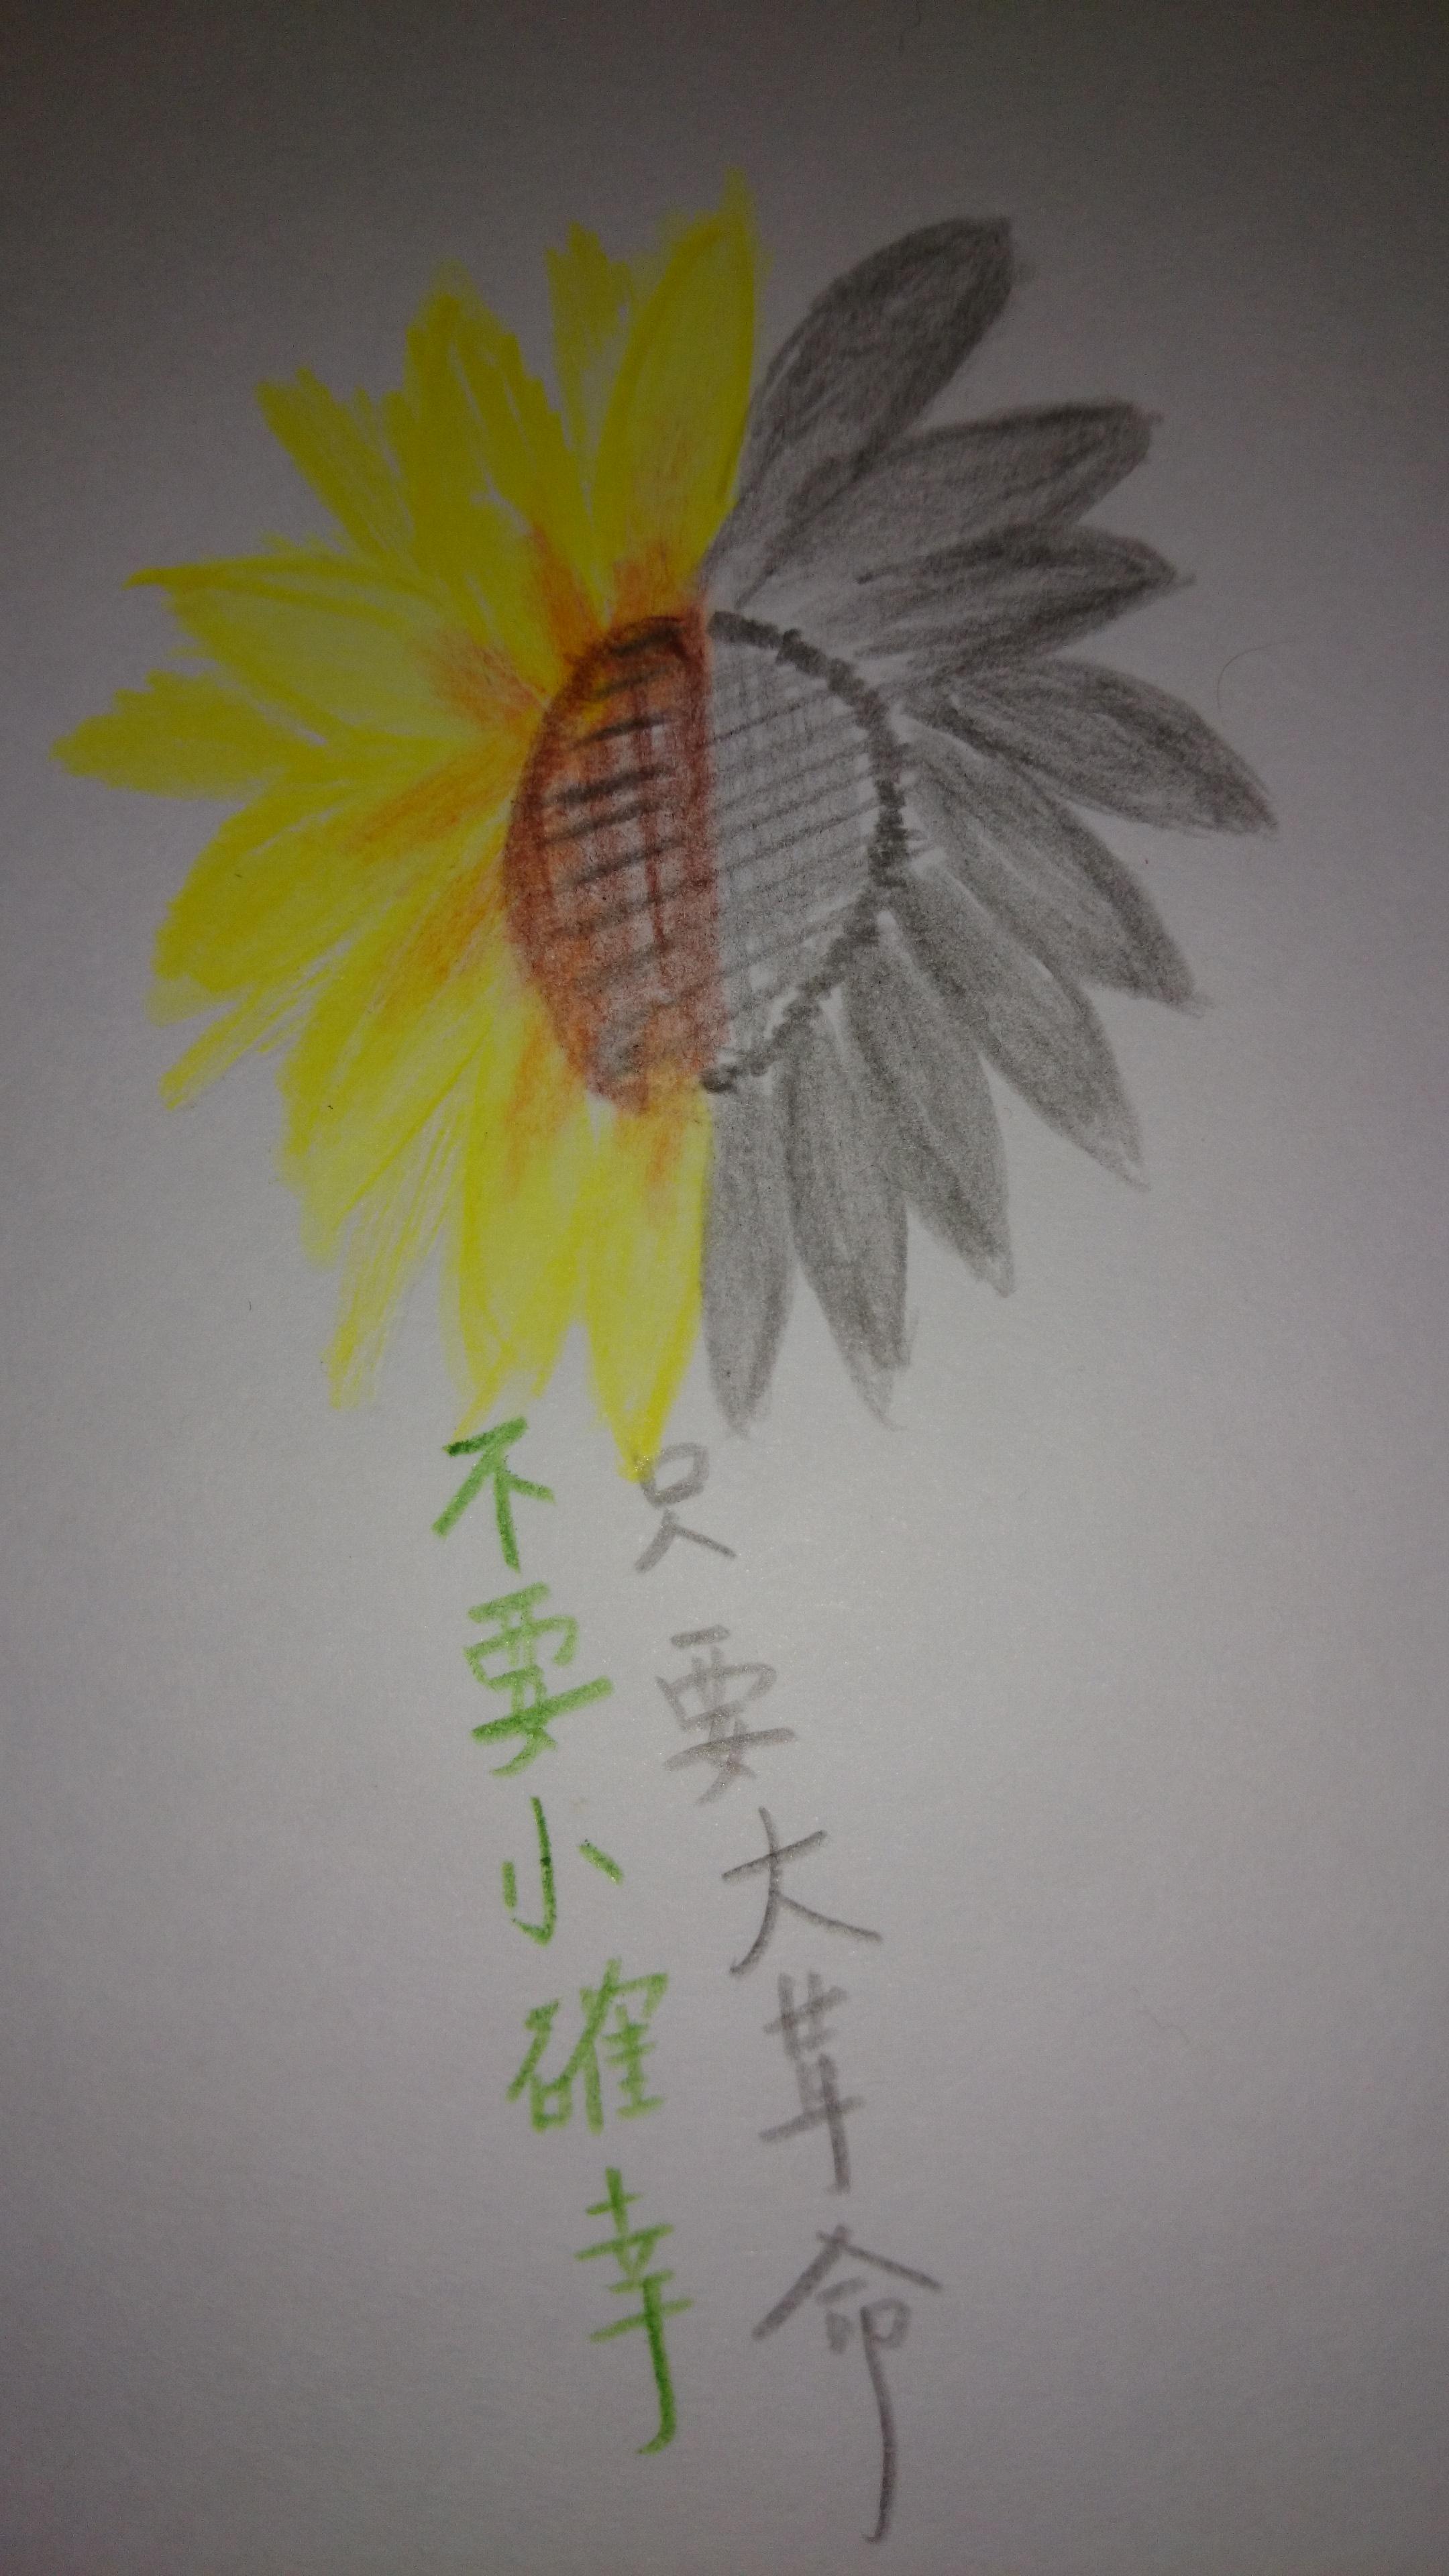 徐雁玲 20140409.jpg